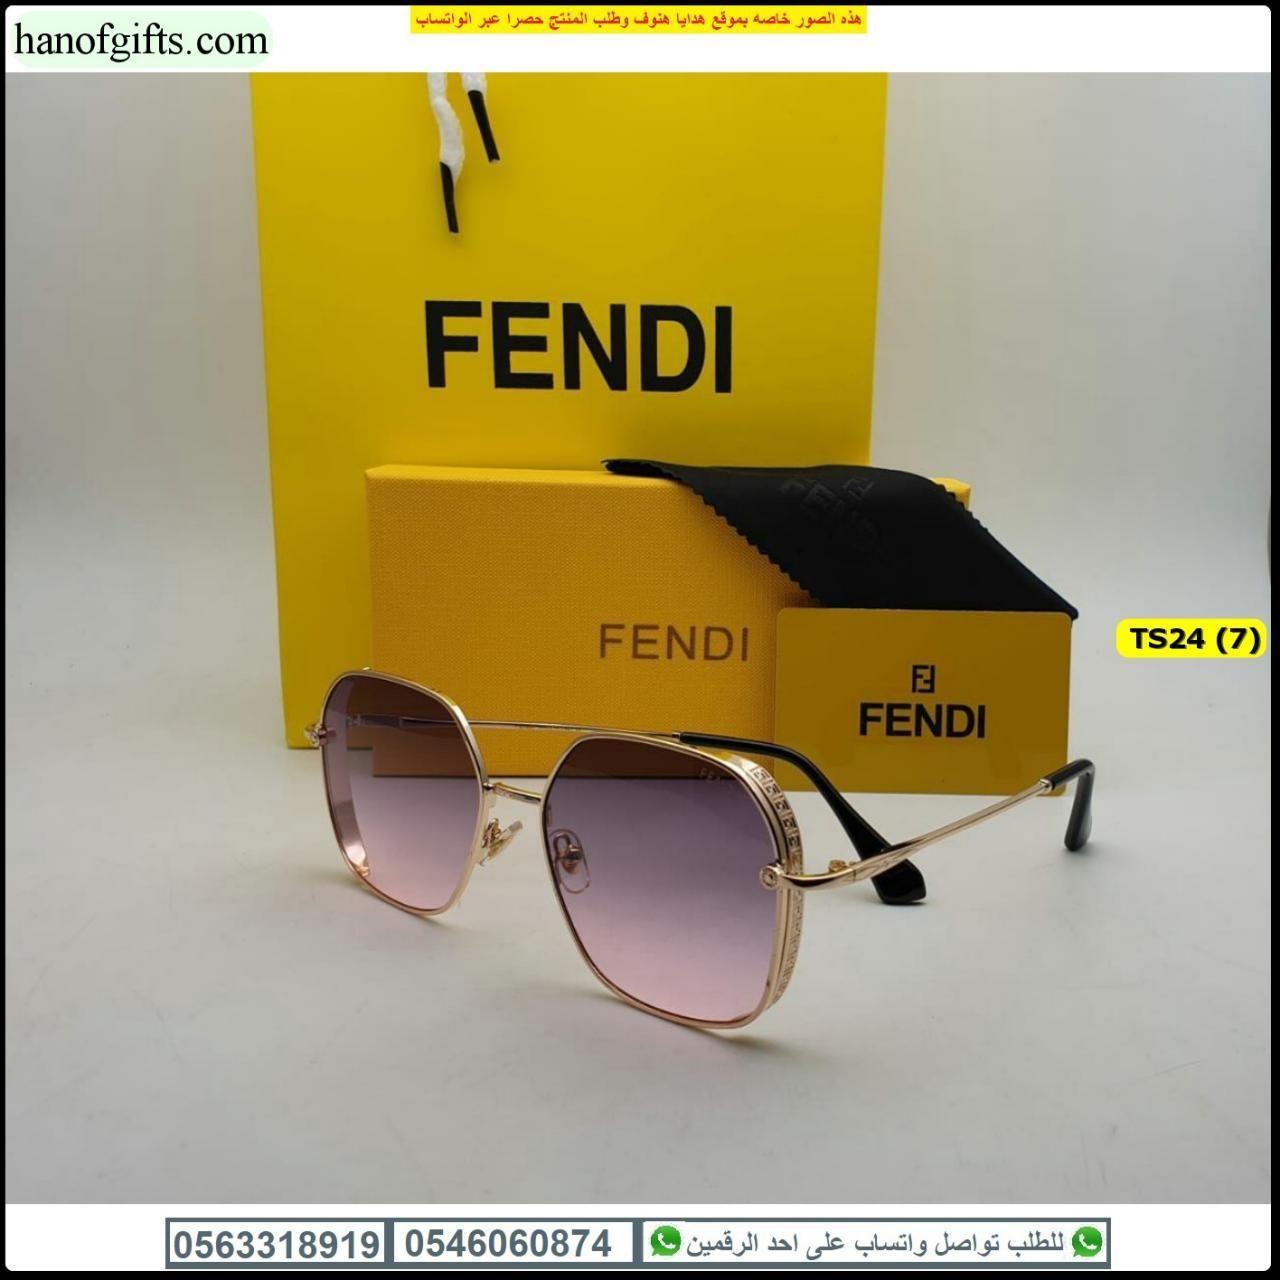 نظارات فندي 2020 افضل النظارات جوده مميزة مع ملحقات الماركه هدايا هنوف Fendi Square Sunglass Glasses